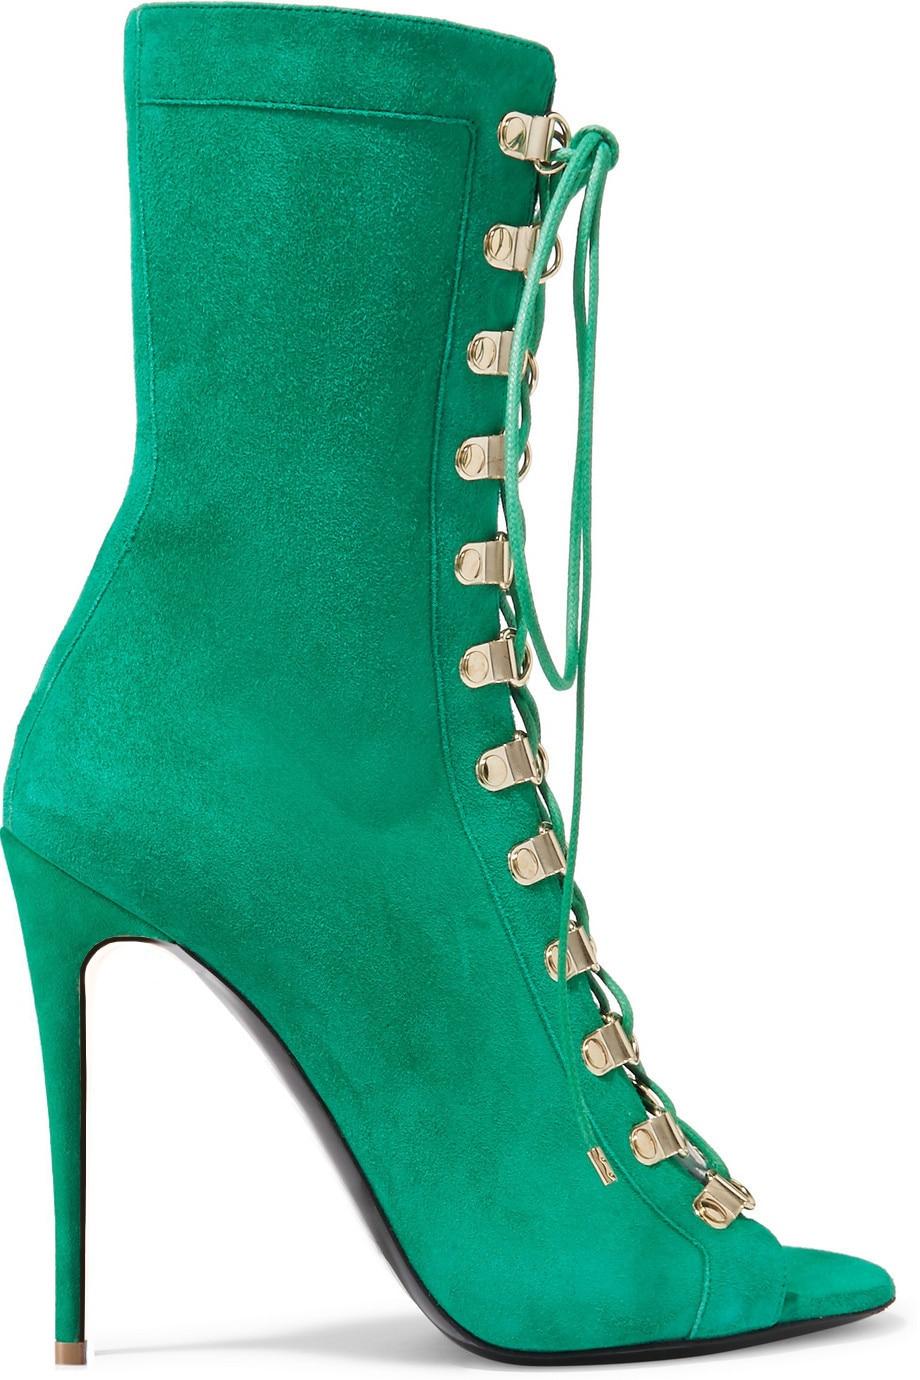 Chaussons Brun Talon Bottes Haut Peep Chaussures Dames Partie De Robe Grande Beige Cheville Lacent Boule Toe Vert Taille Talons Sexy Femmes Xq0q1FwU8